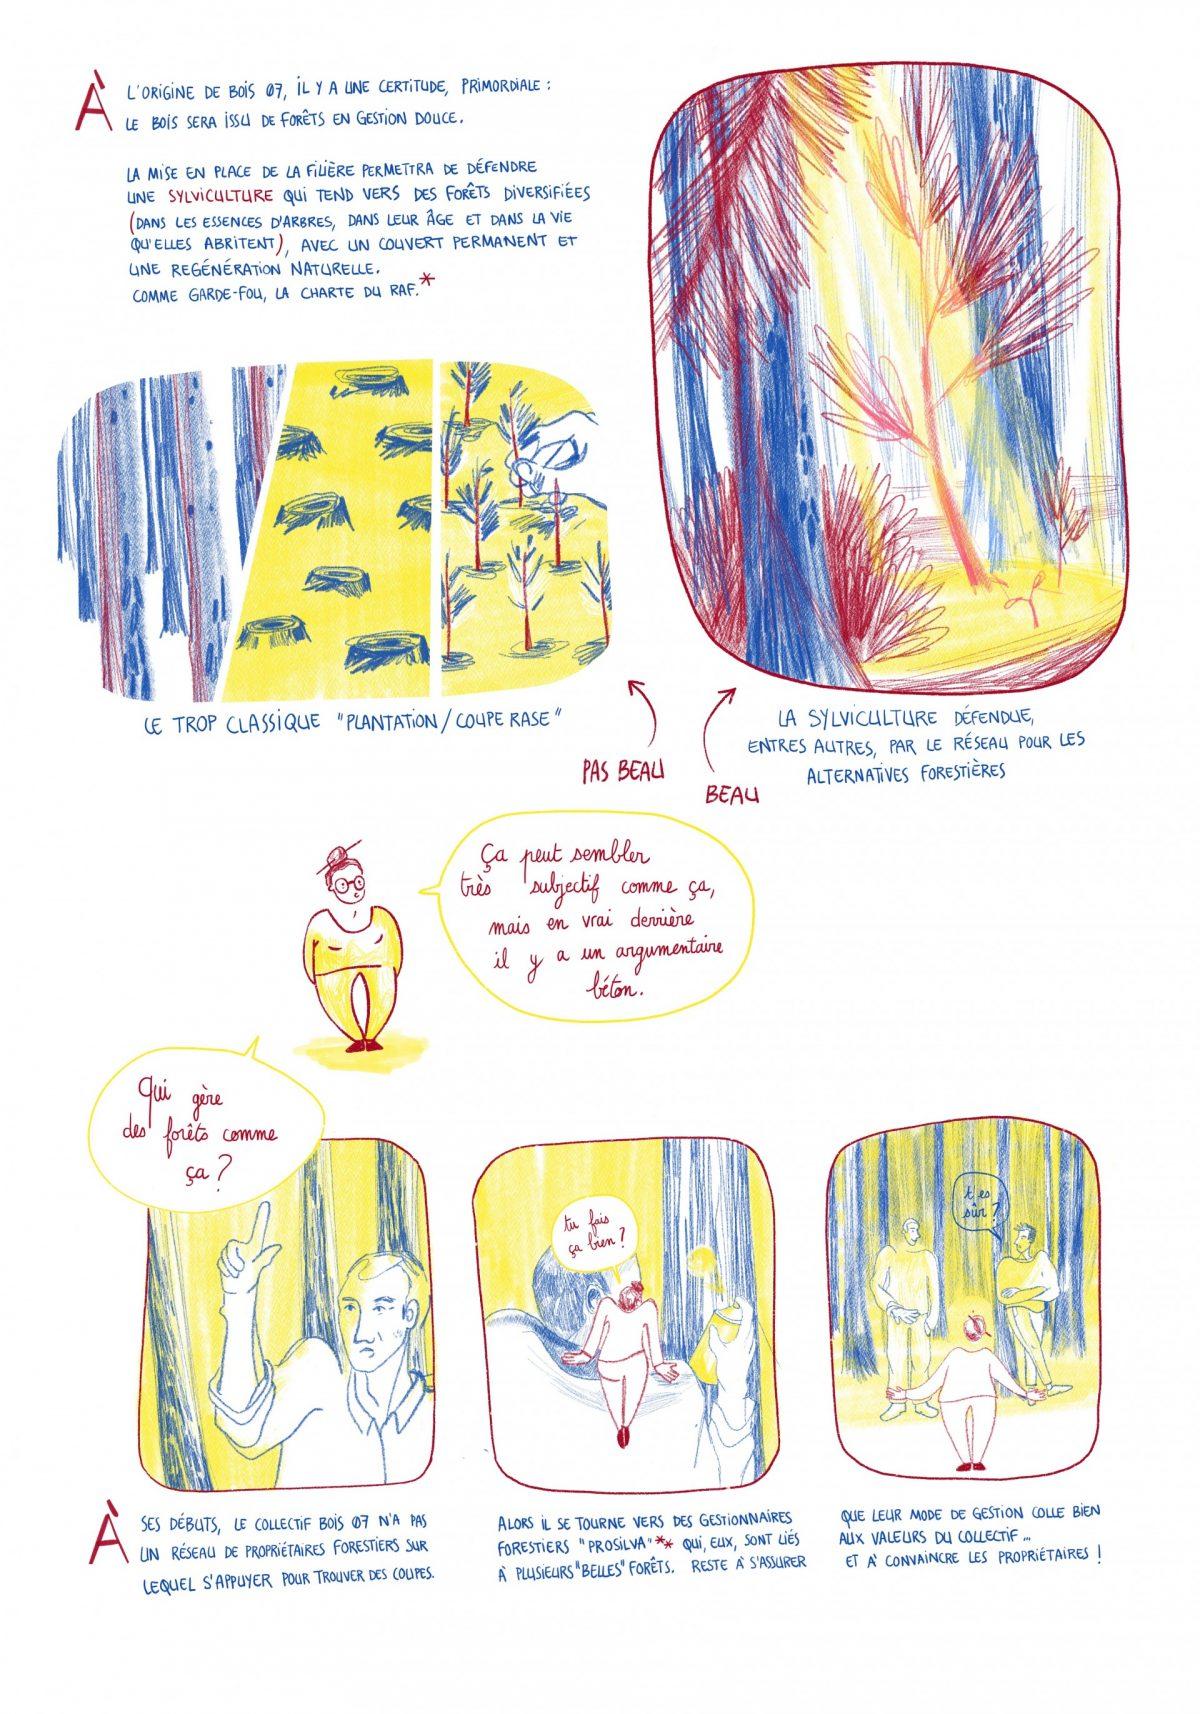 Bois 07 sylviculture durable, reportage dessiné, copindesbois